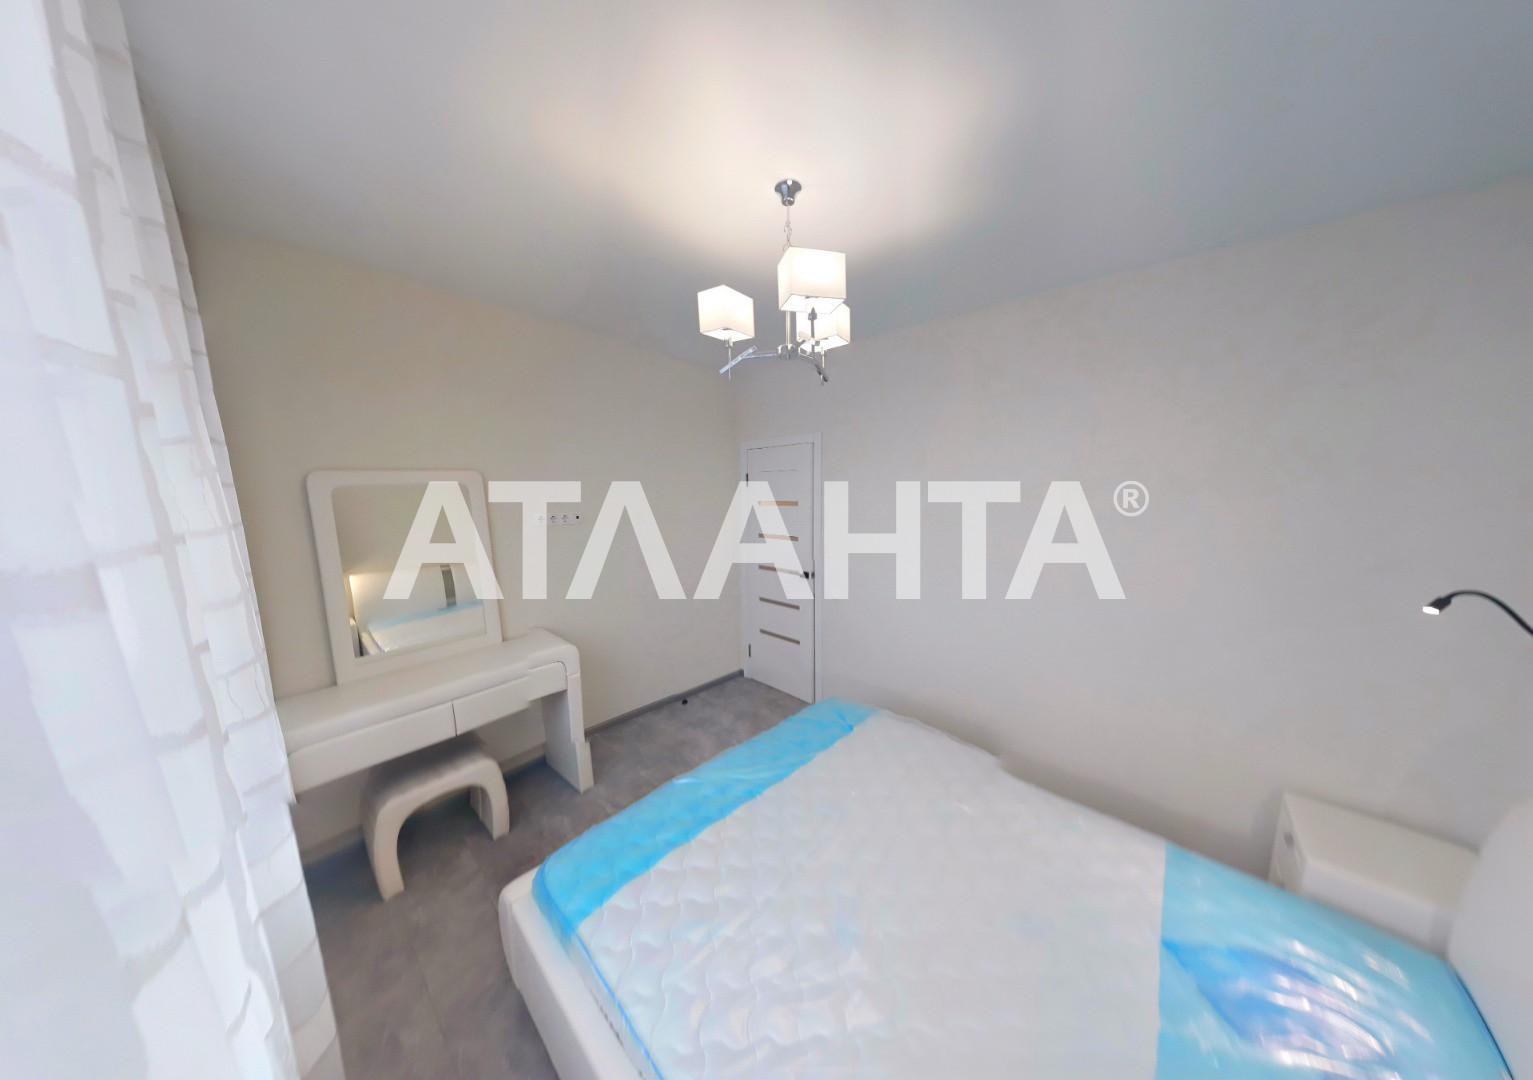 Продается 2-комнатная Квартира на ул. Теремковская — 85 000 у.е. (фото №7)